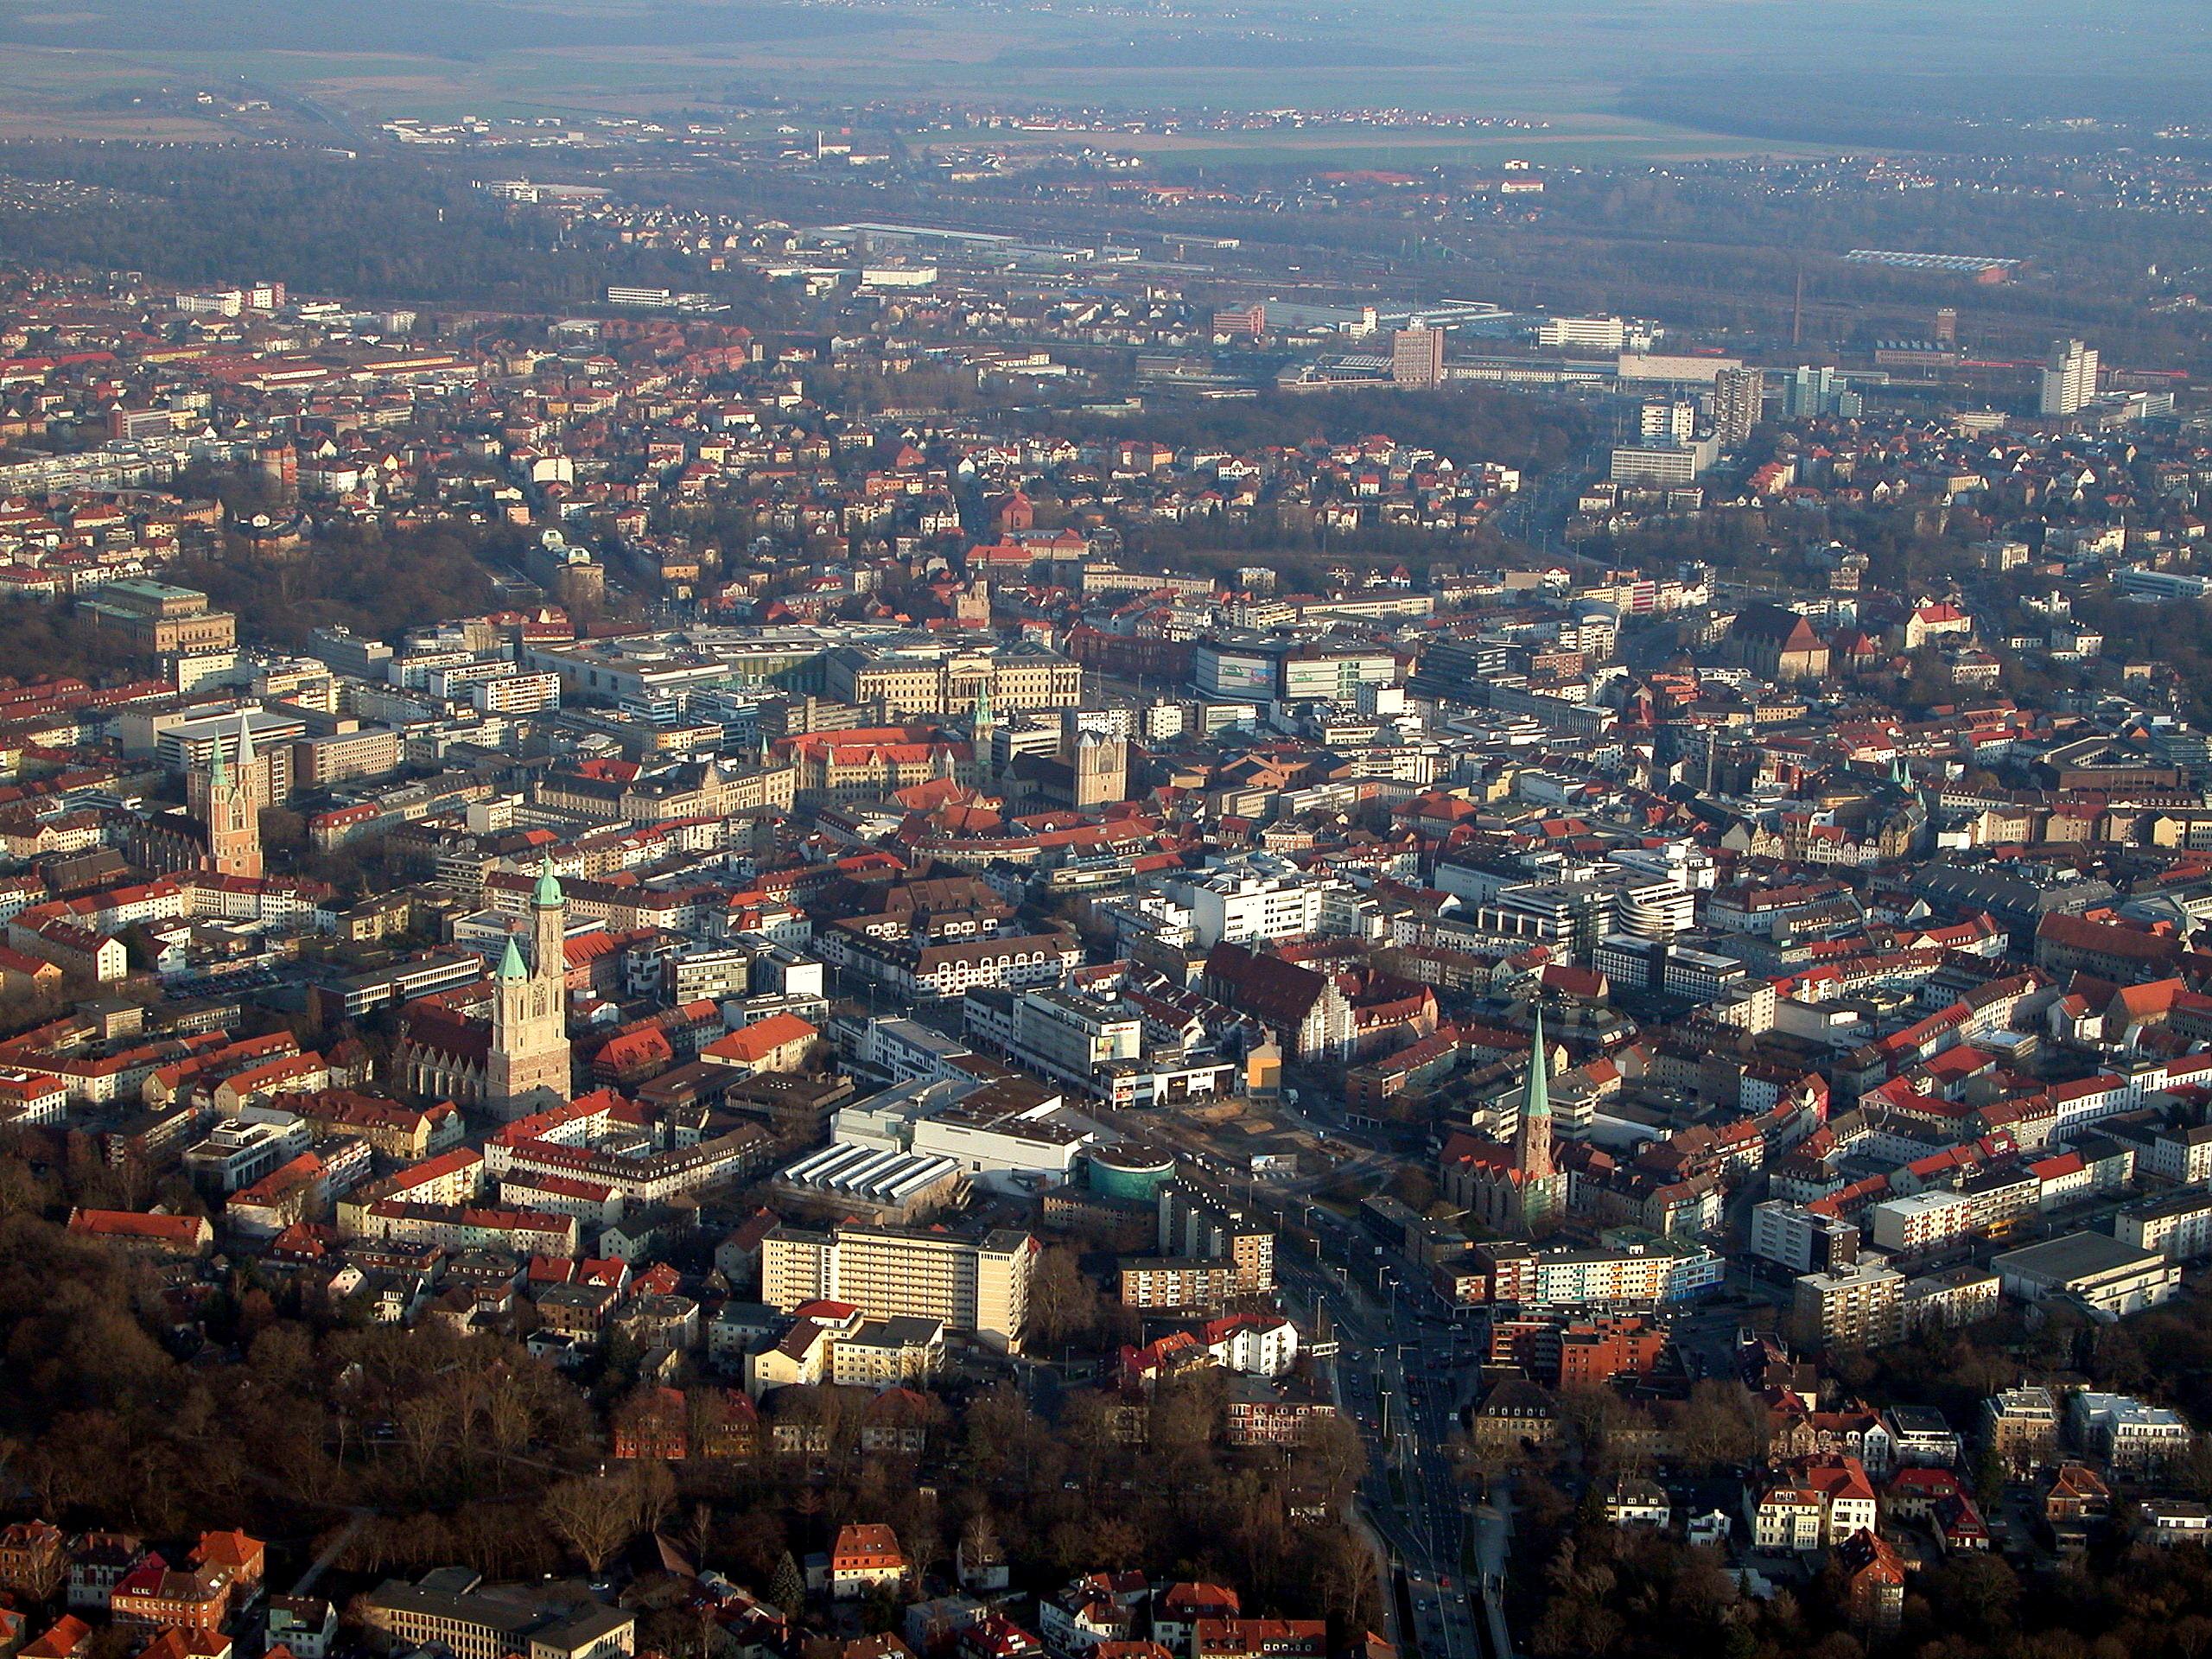 Braunschweig Luftaufnahme Innenstadt 2011